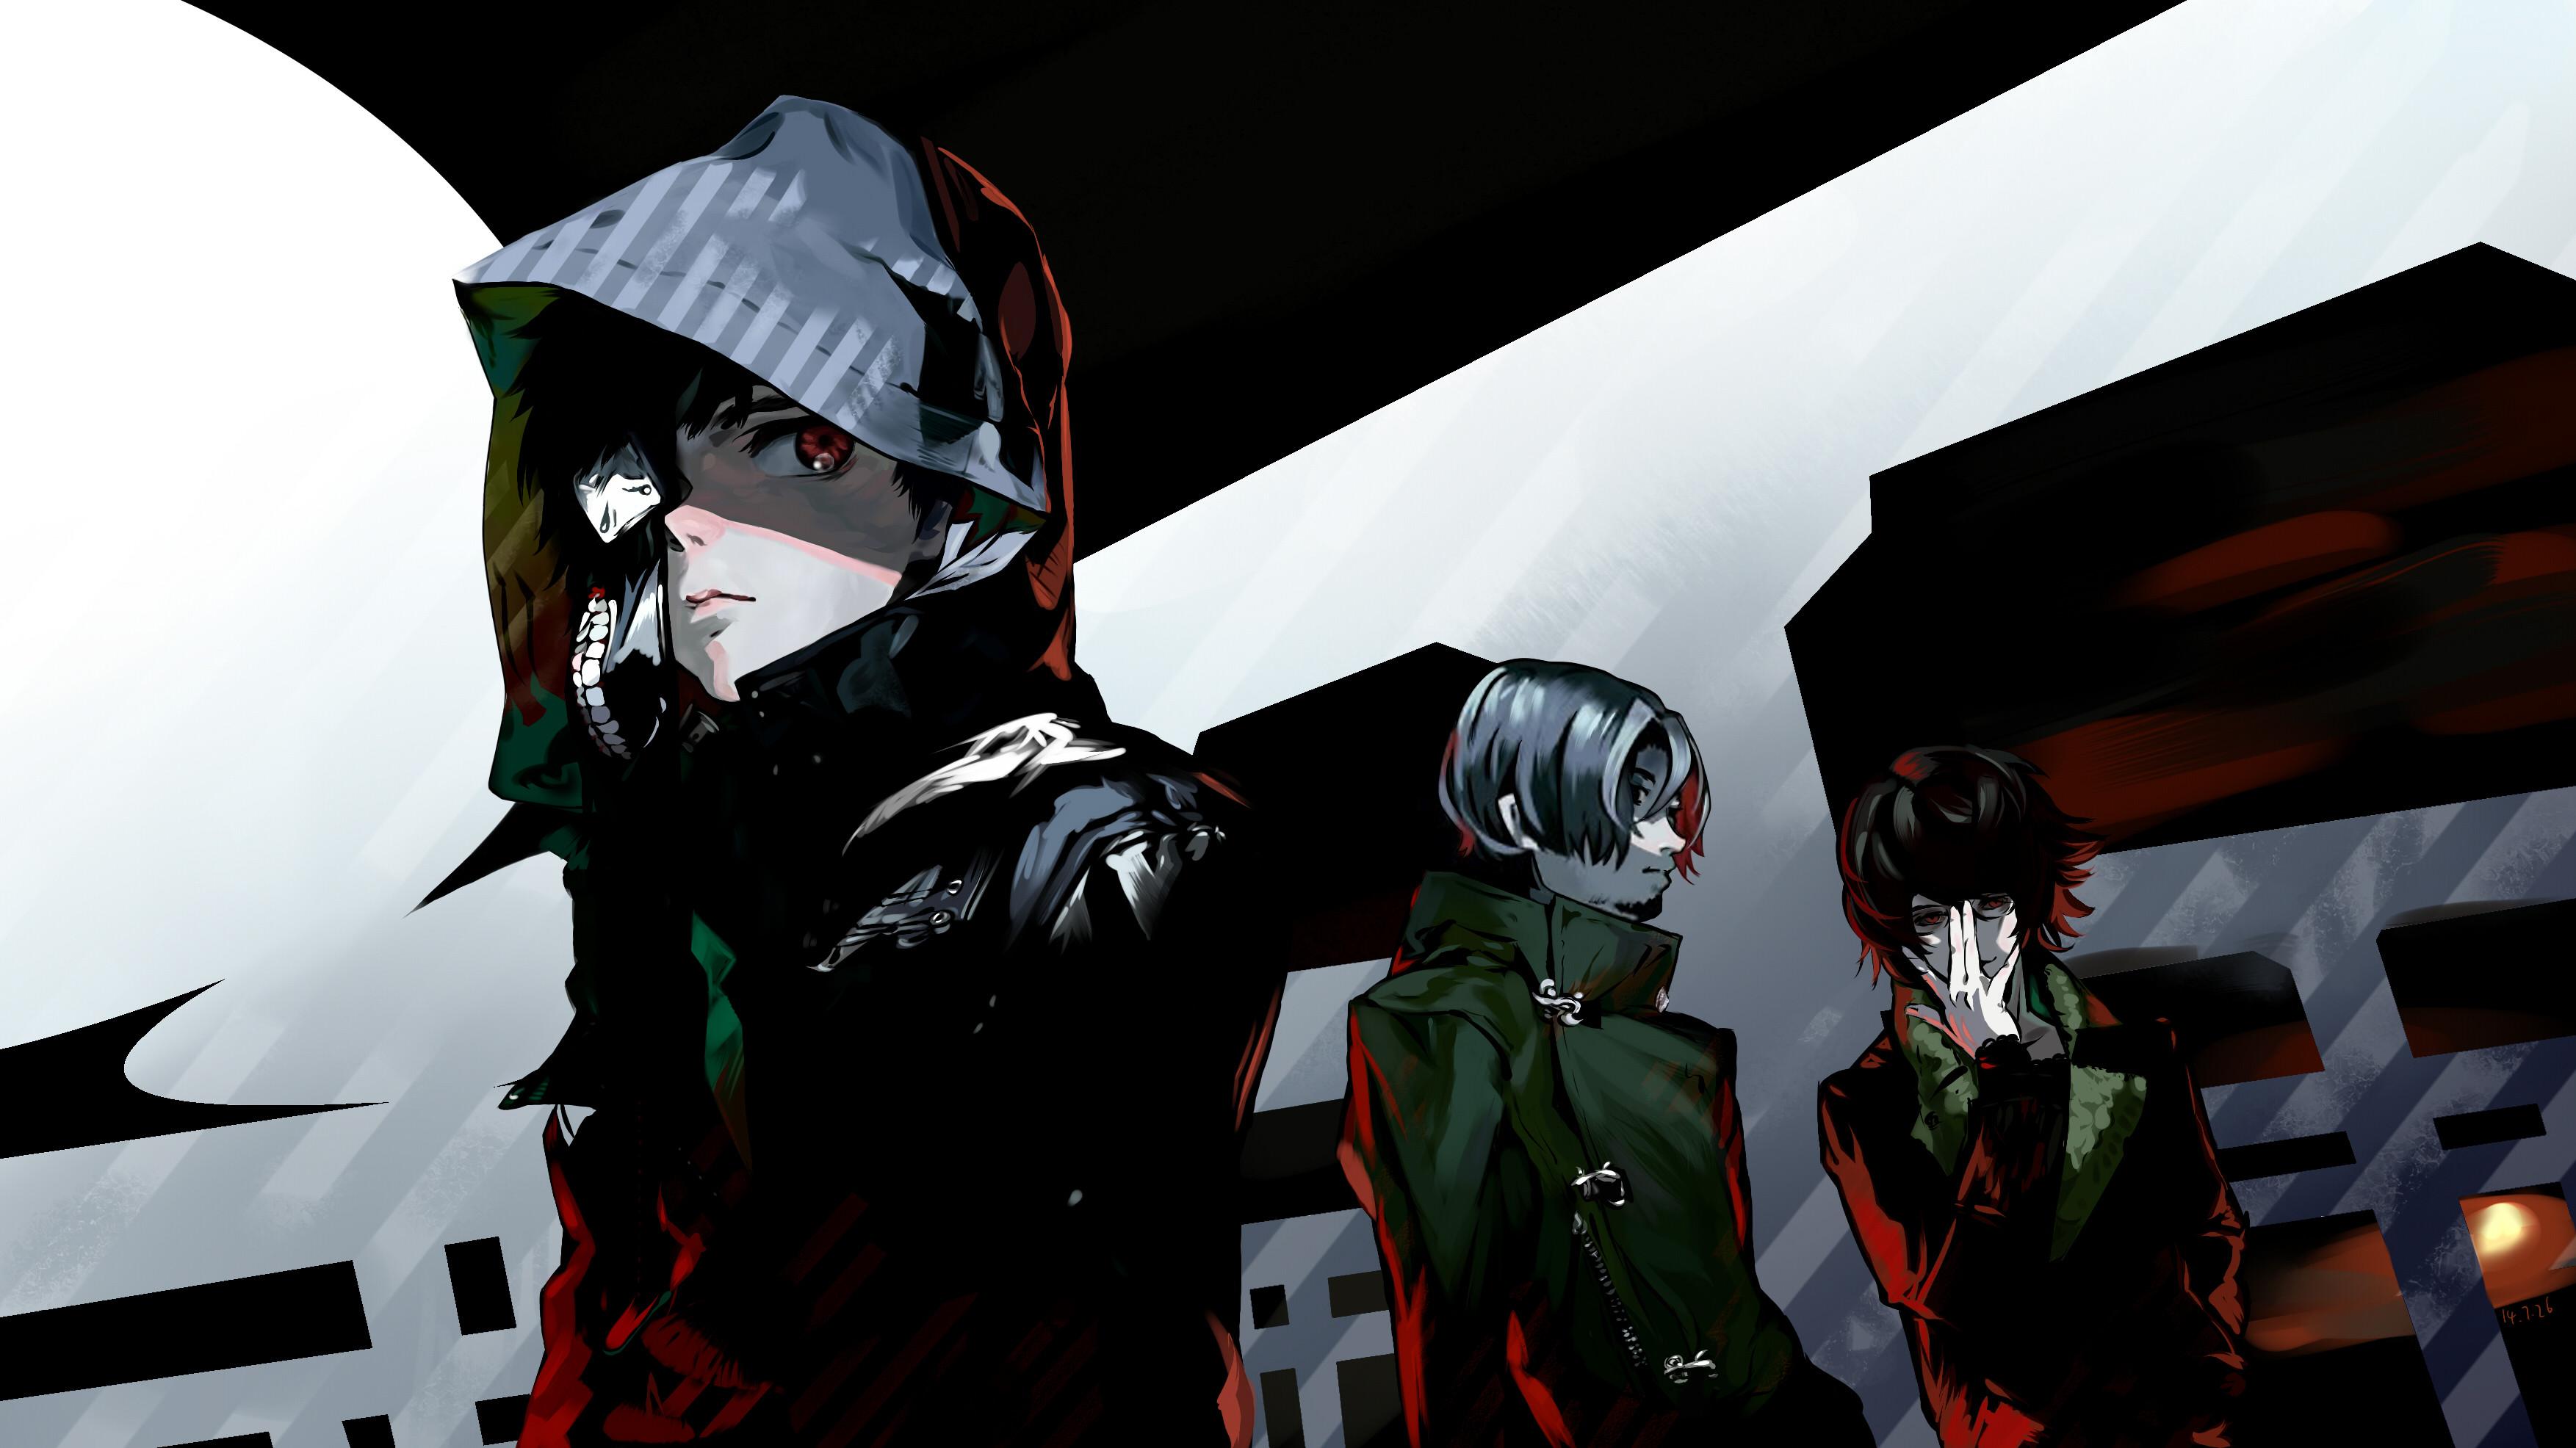 Tokyo Ghoul download Tokyo Kushu image